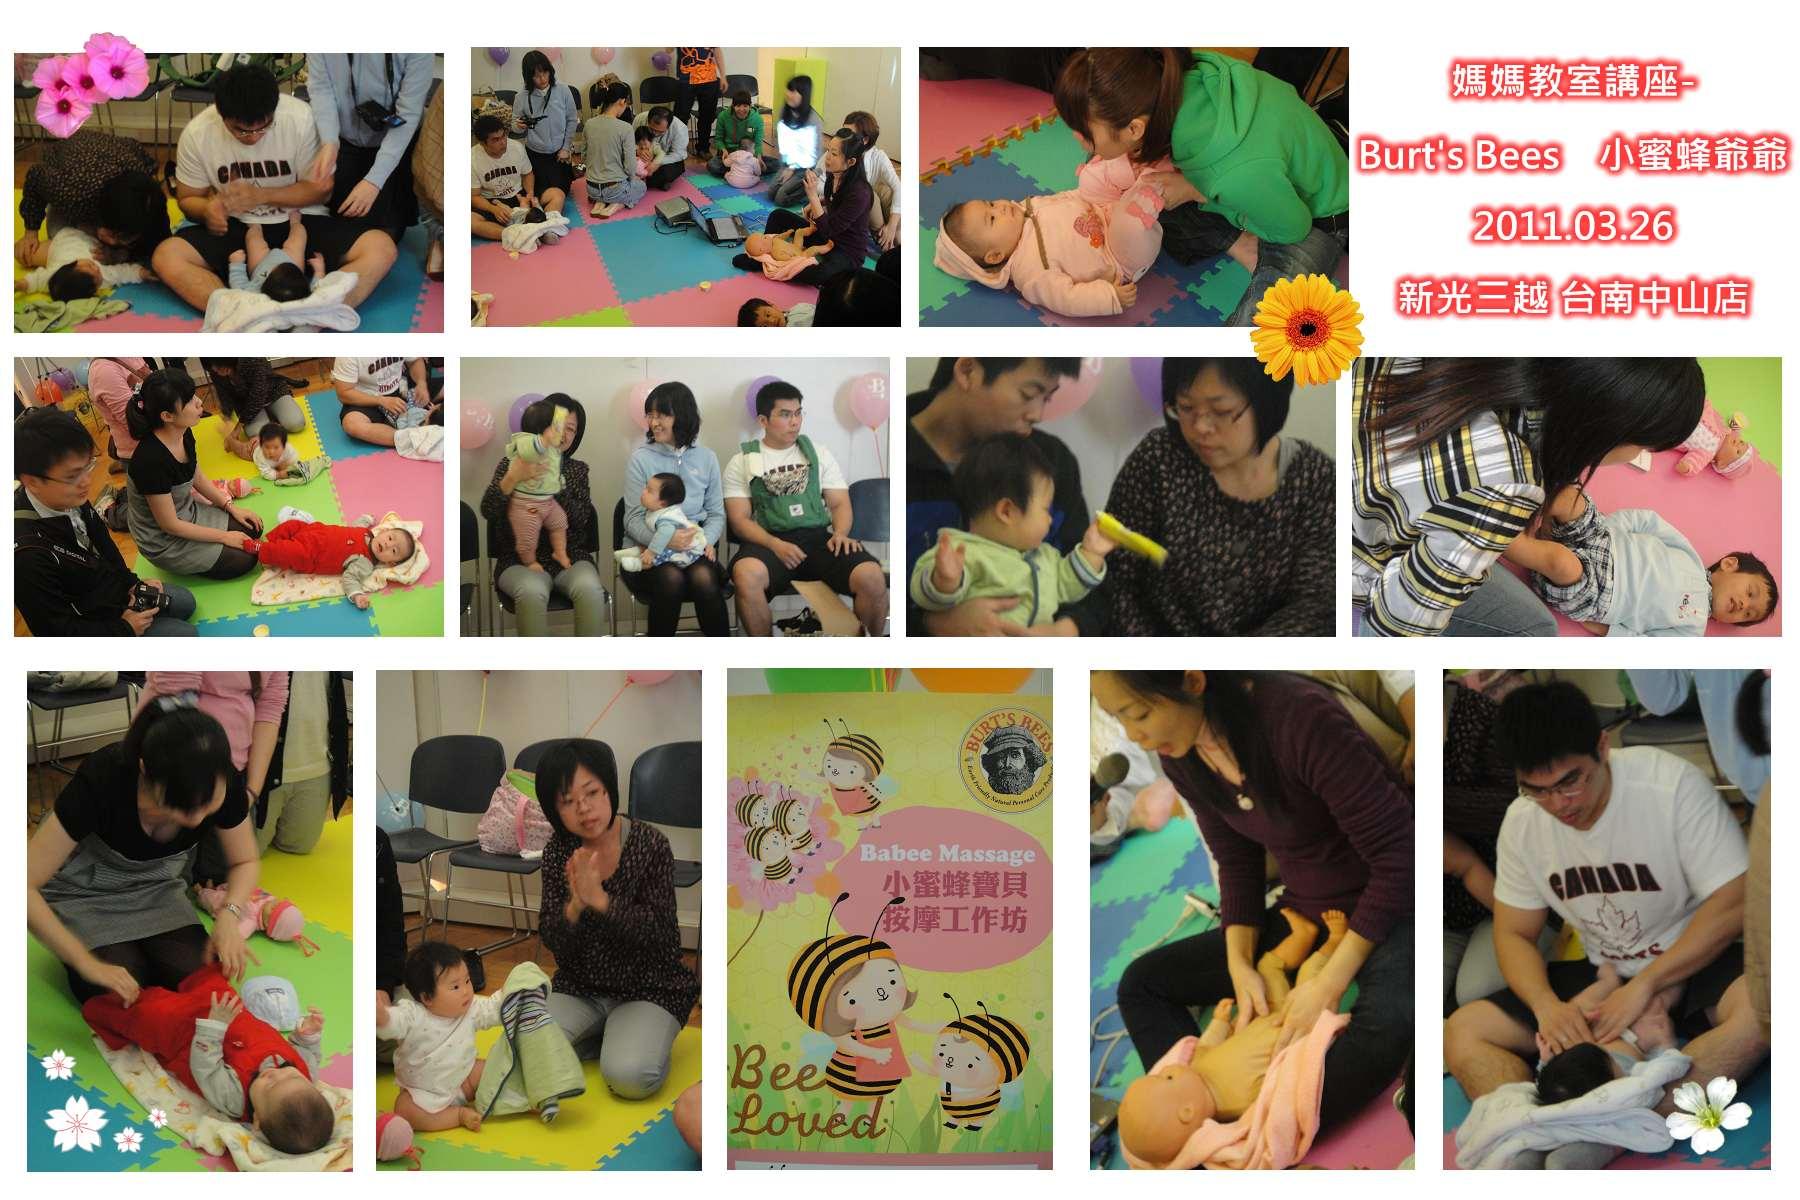 20110326講座.jpg